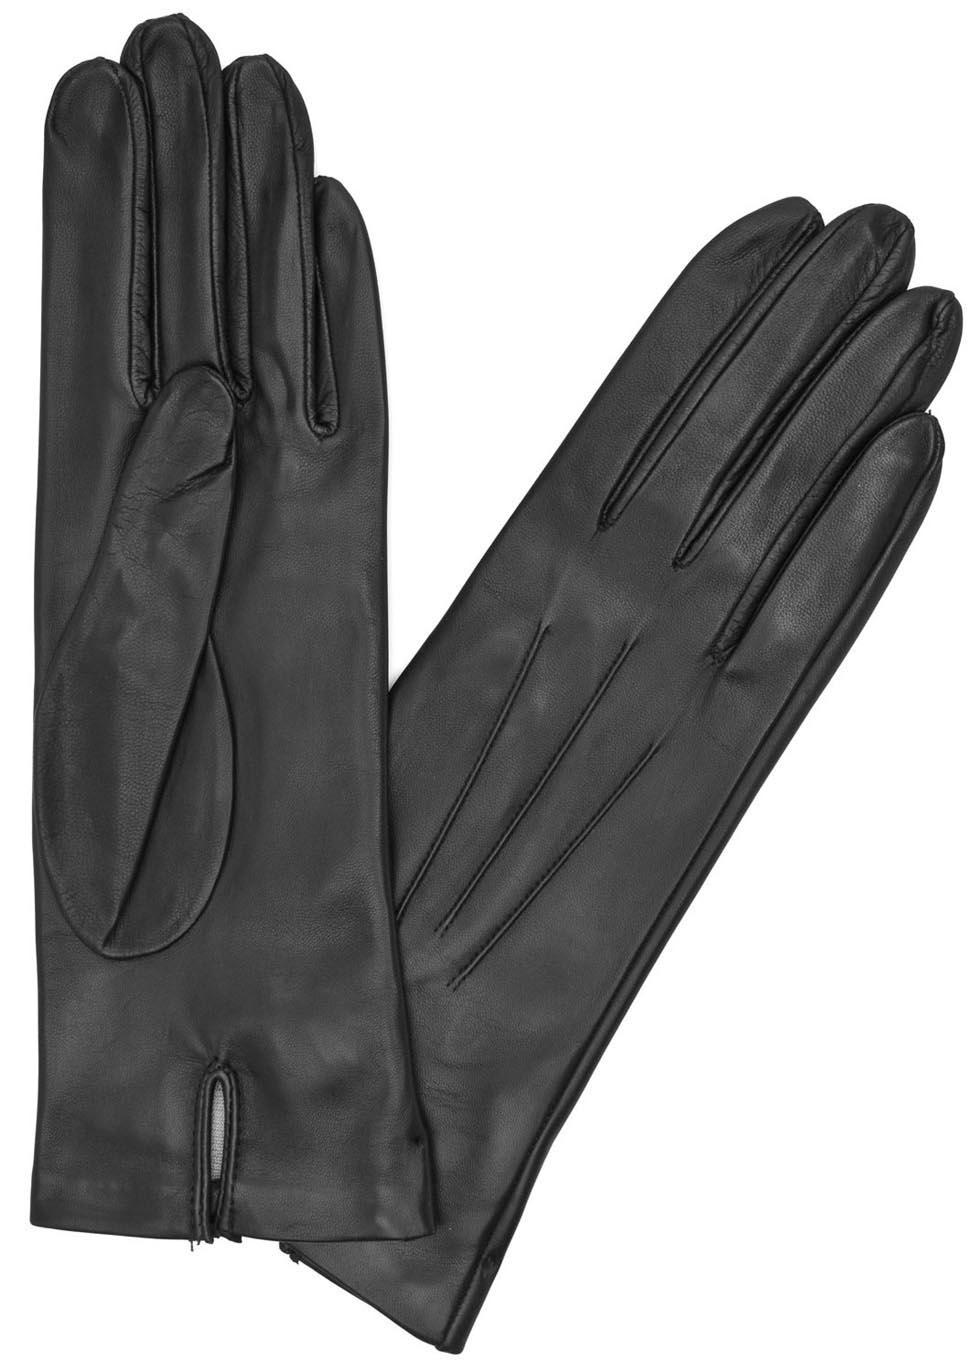 f1fd15318edee Women's Designer Gloves - Leather, Suede & Mittens - Harvey Nichols